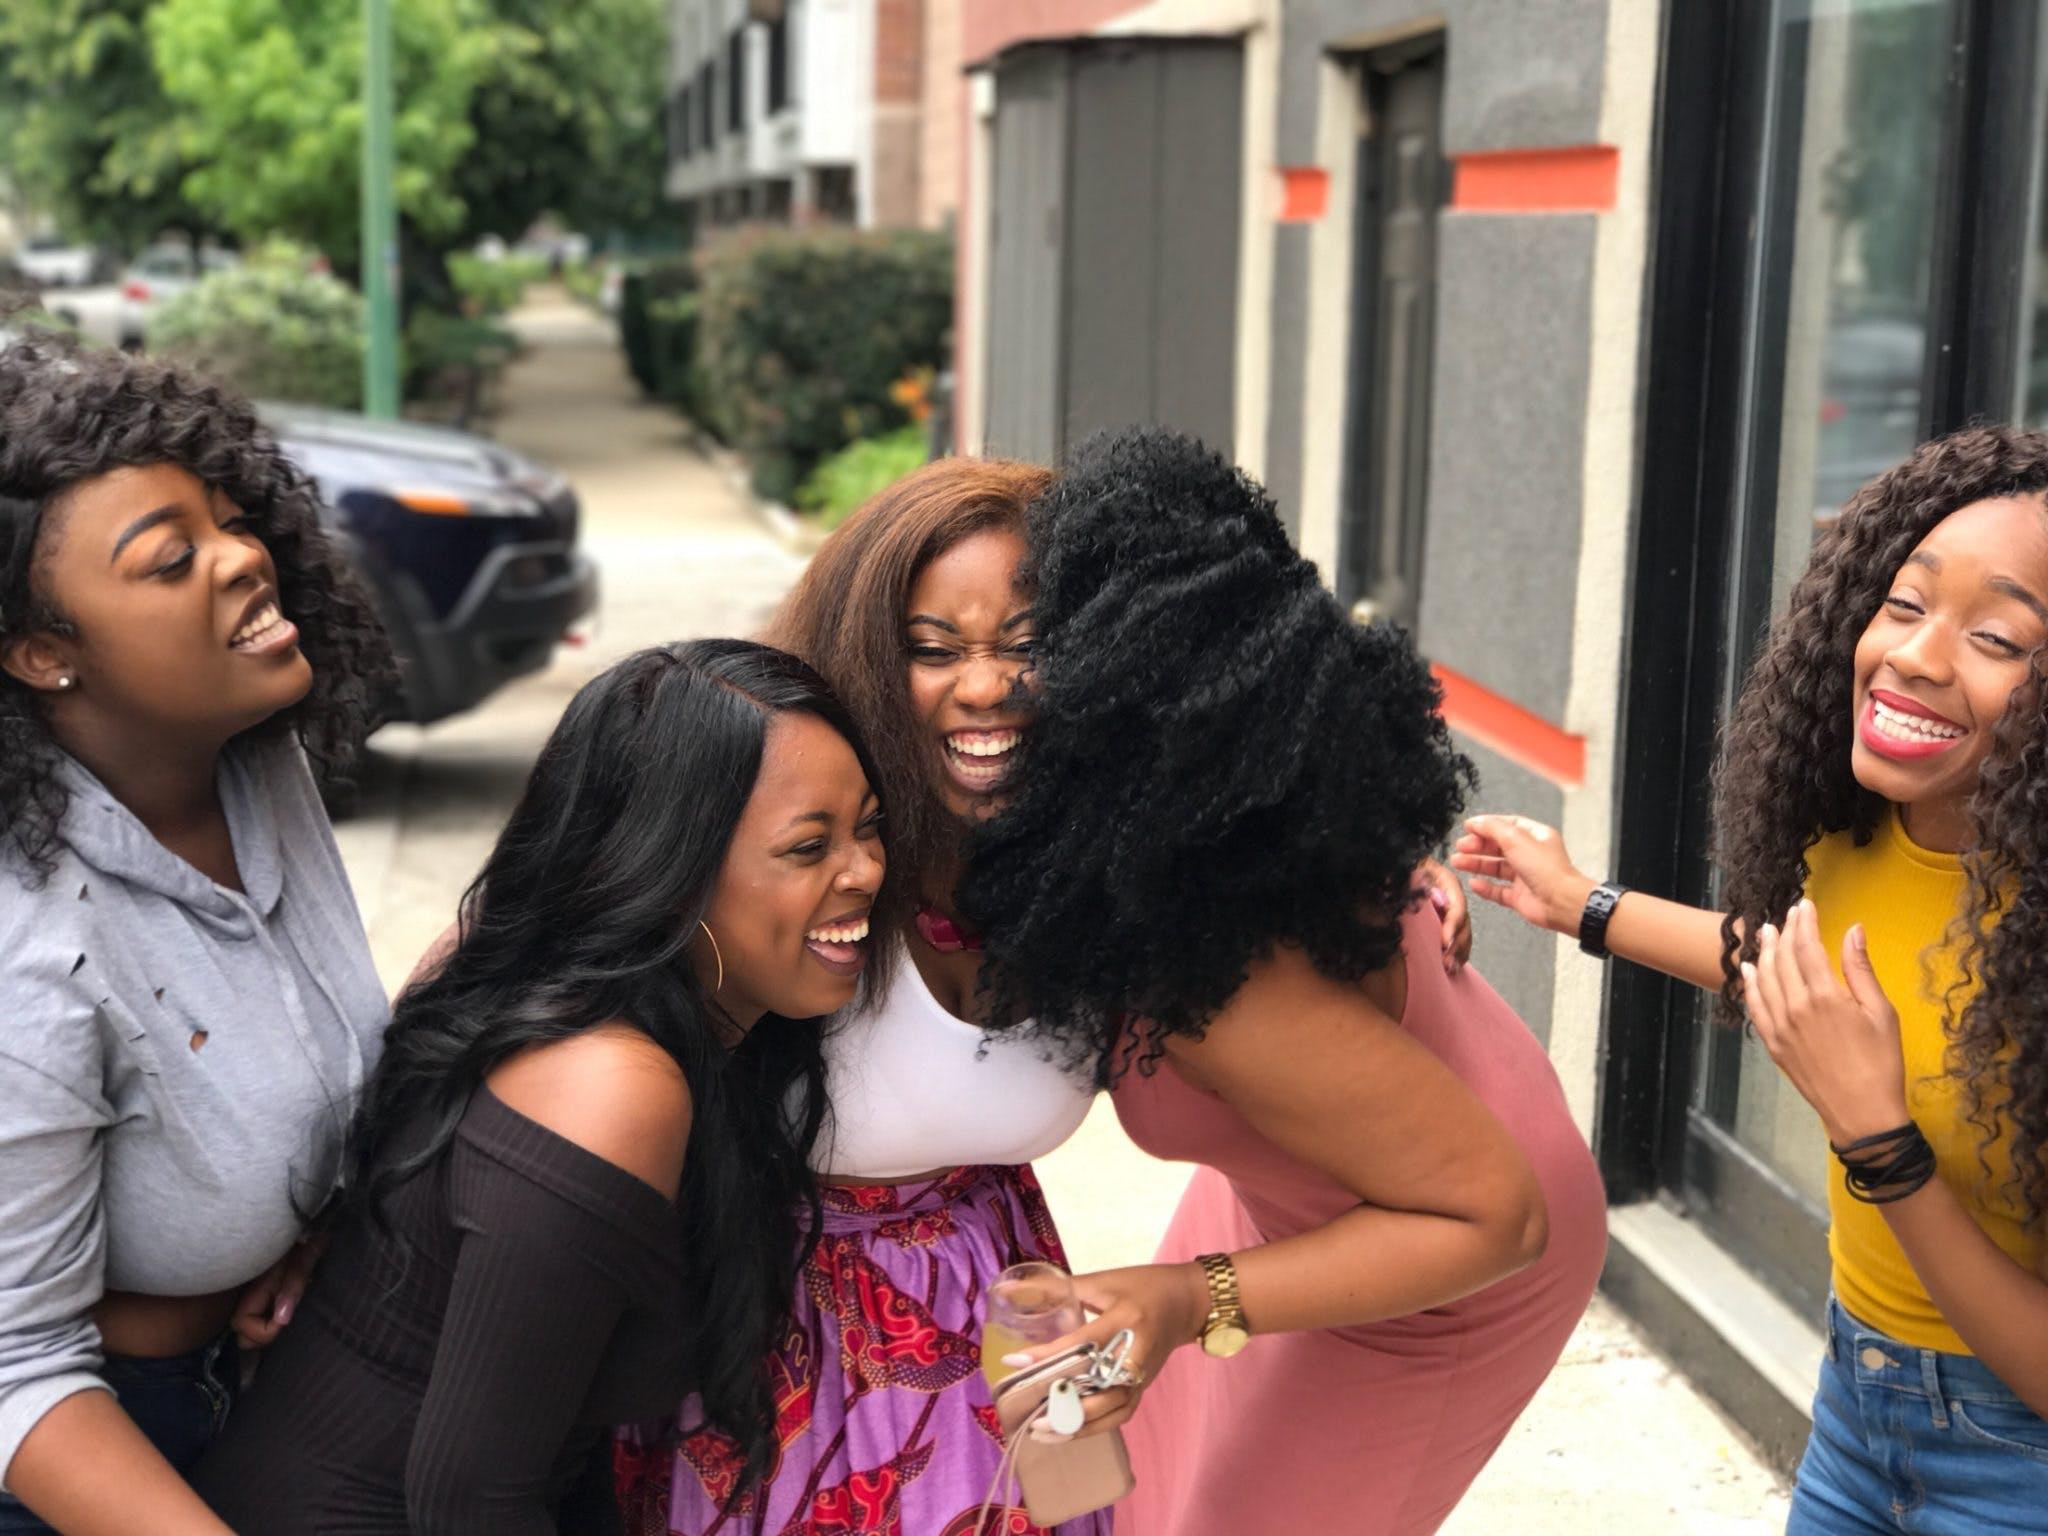 Δωρεάν στοκ φωτογραφιών με αλληλεπίδραση, Άνθρωποι, γέλιο, γυναίκες